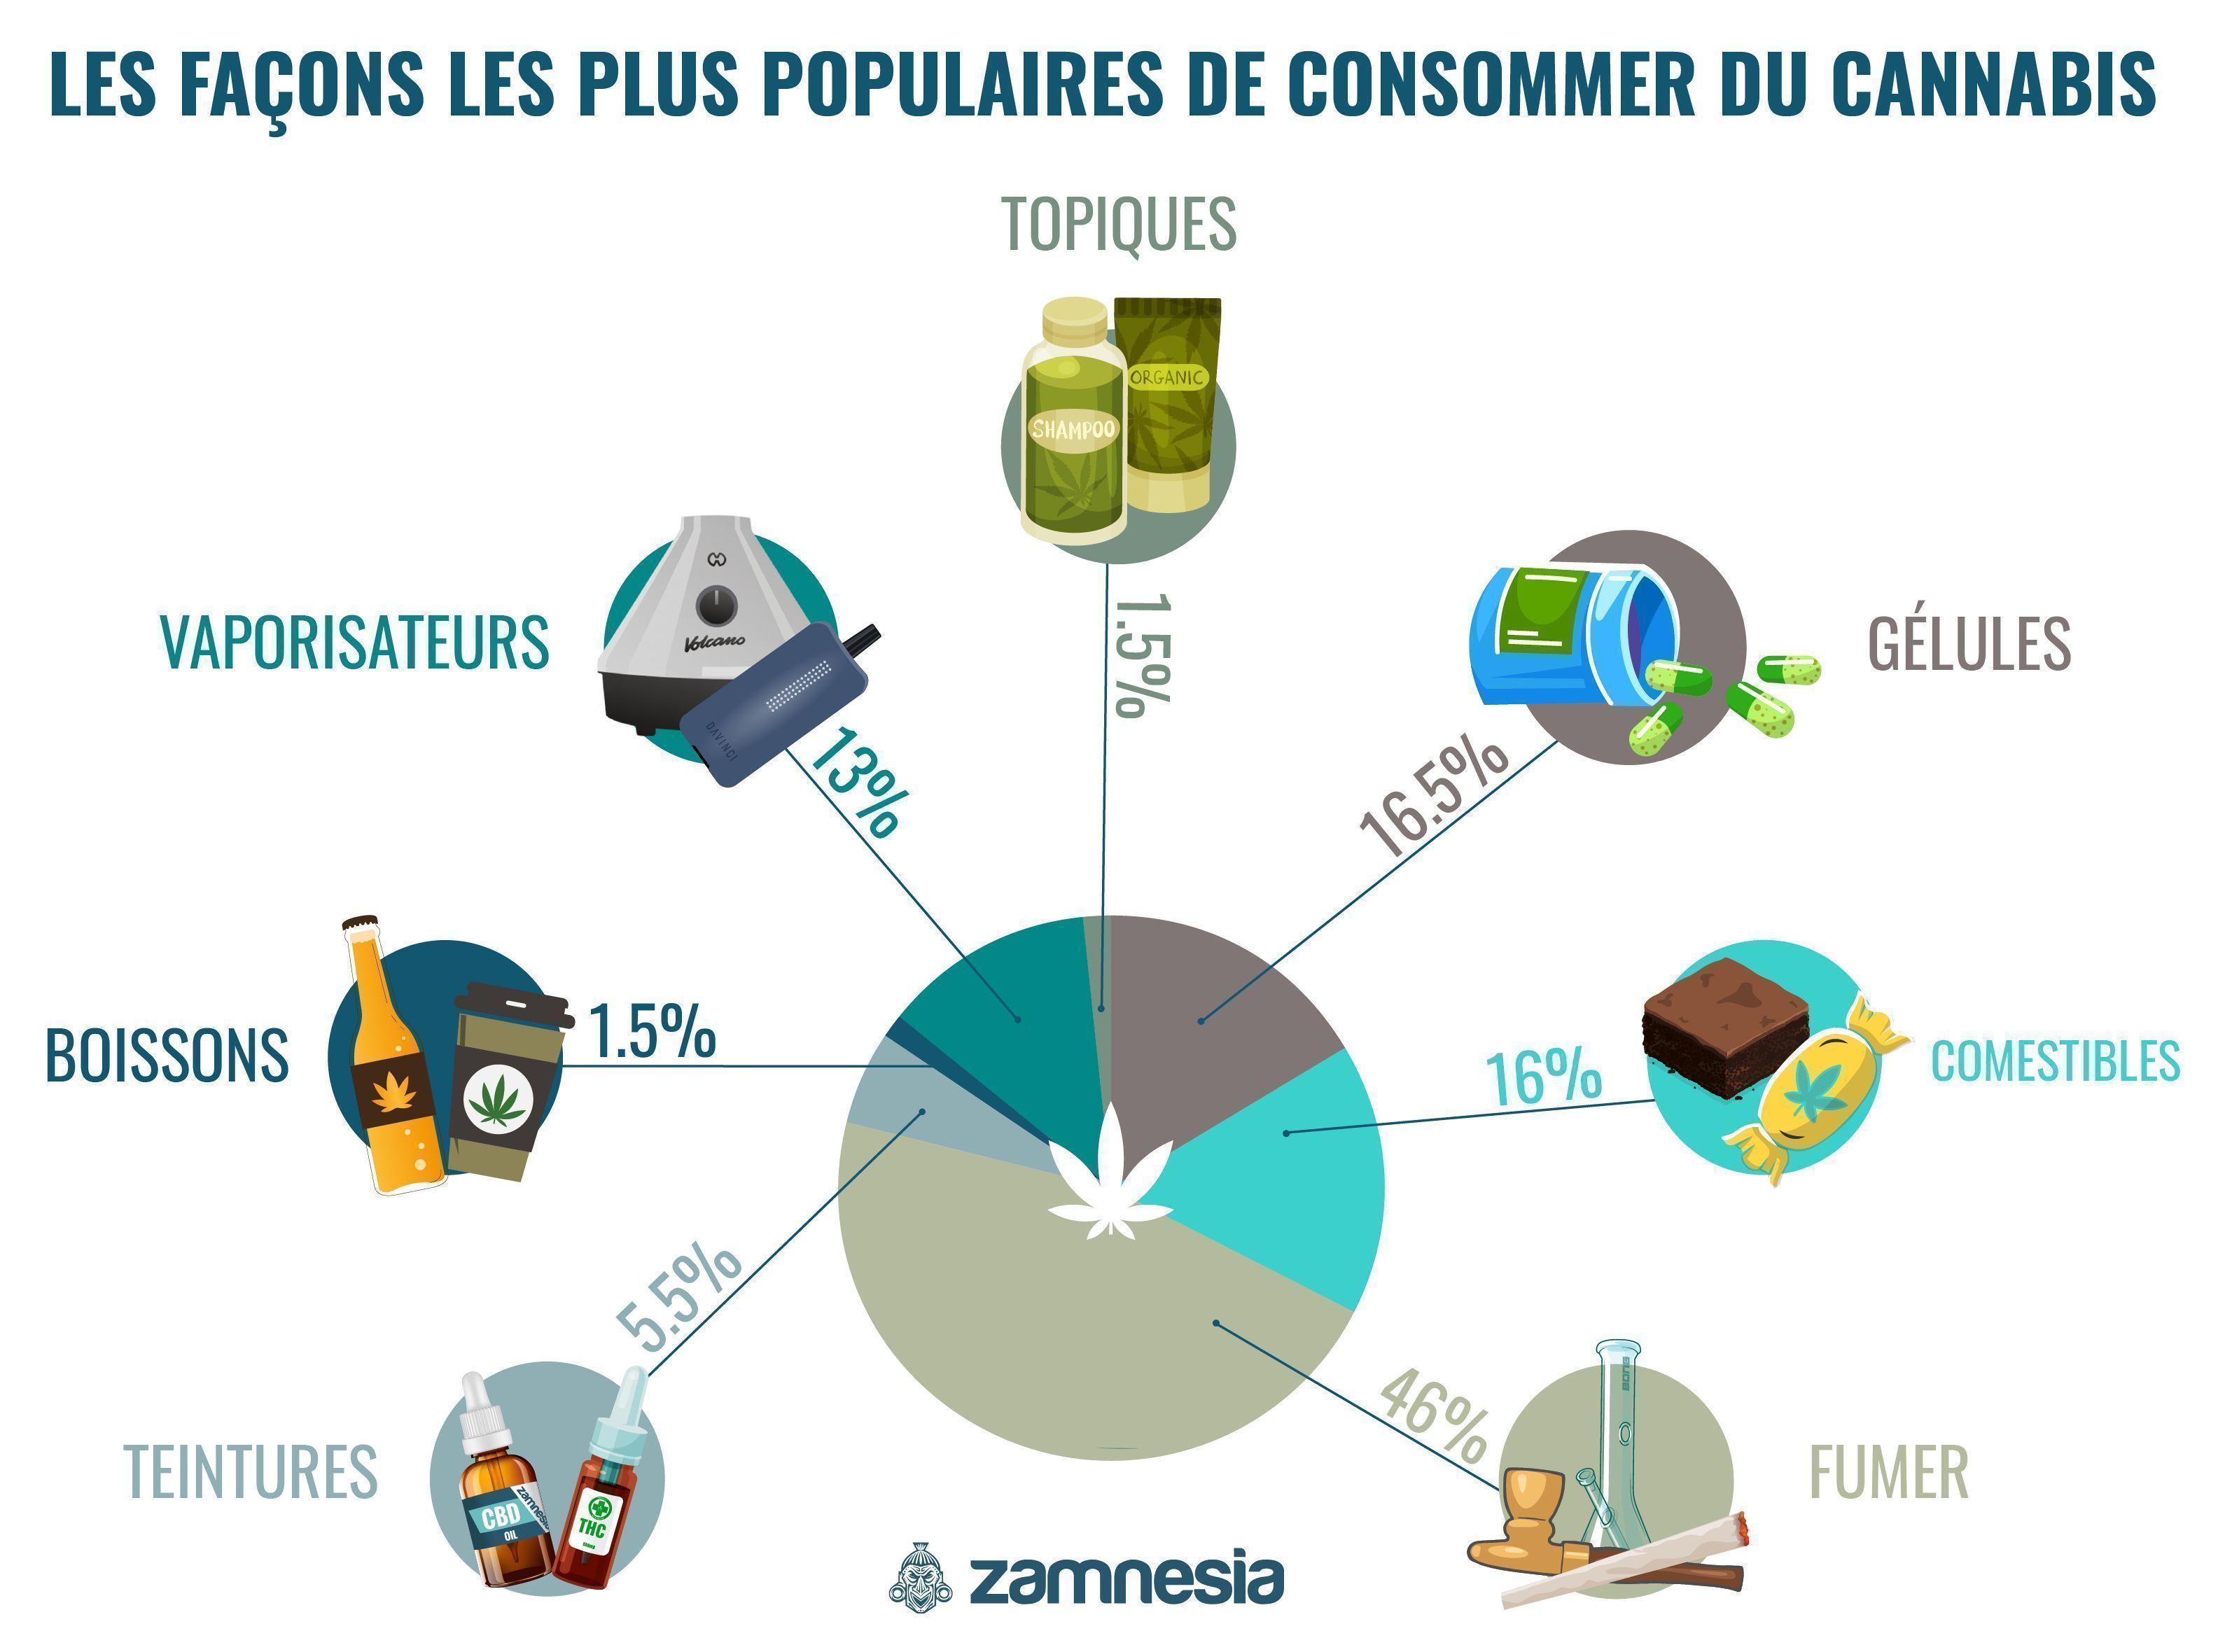 Les Méthodes De Consommation Du Cannabis Les Plus Populaires Infographic